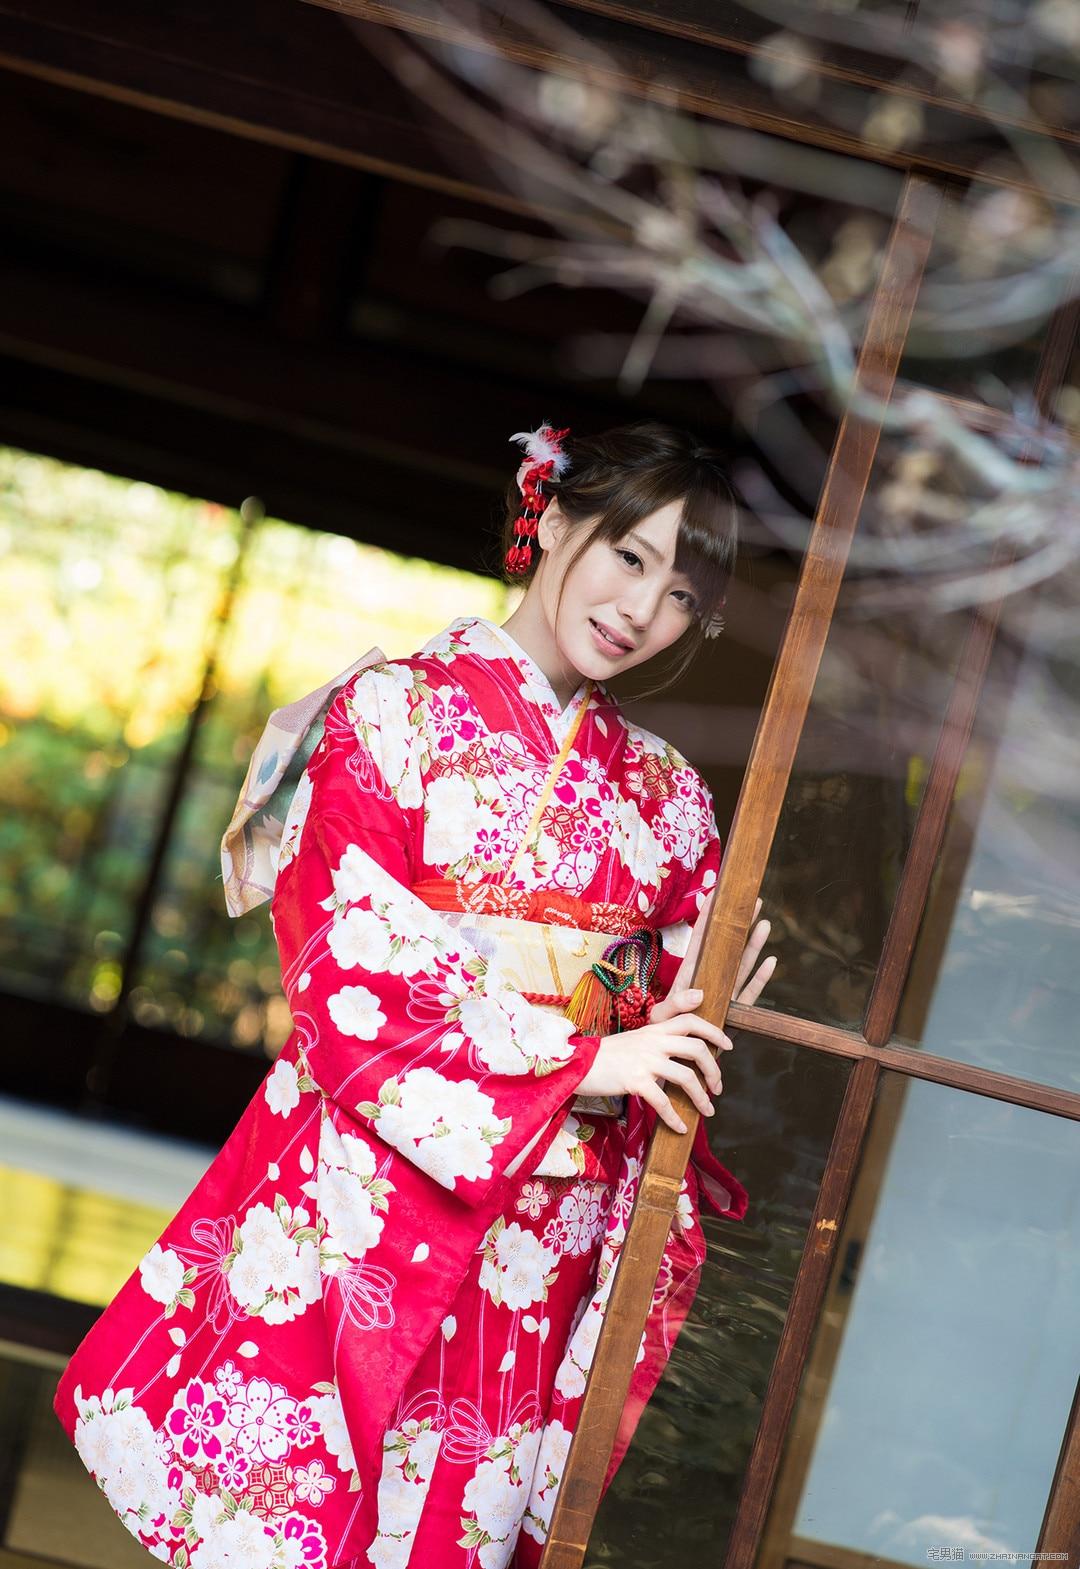 铃村爱里(铃村あいり)和服系列写真(30P)